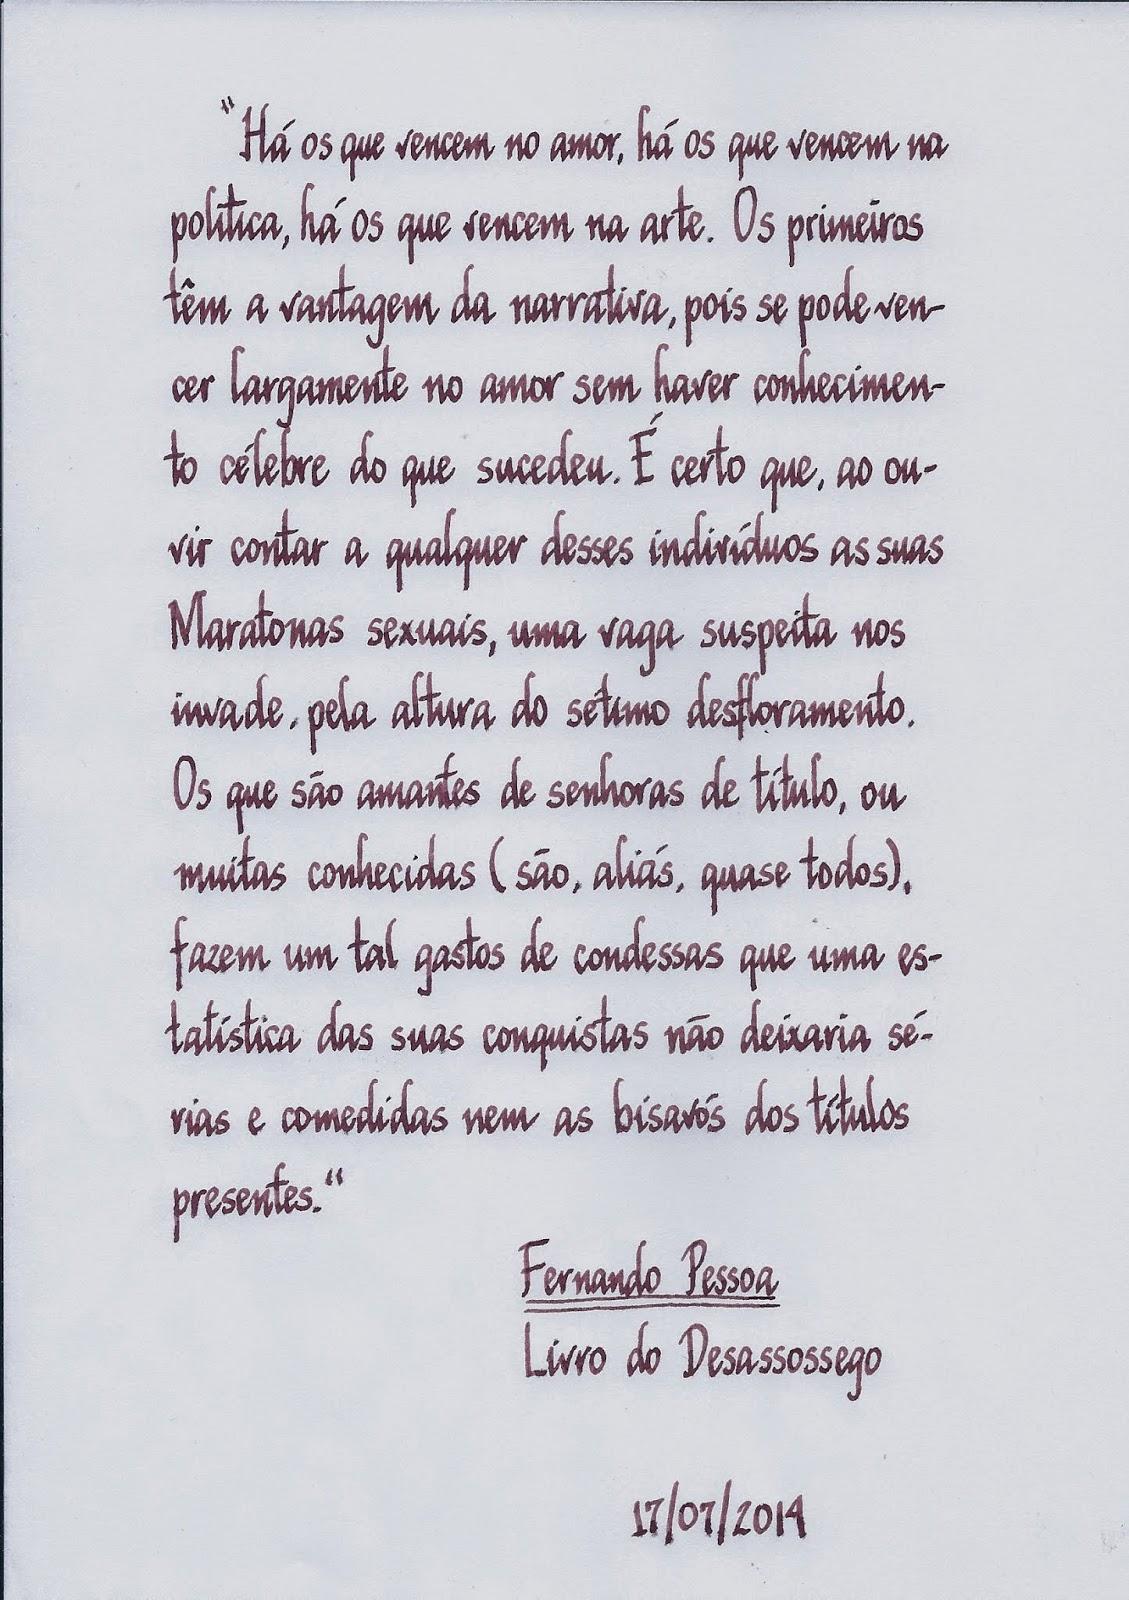 Livro do Desassossego de Fernando Pessoa / Book of Disquiet by Fernando Pessoa / Montblanc 145 obb nib and Noodler's Nightshade ink